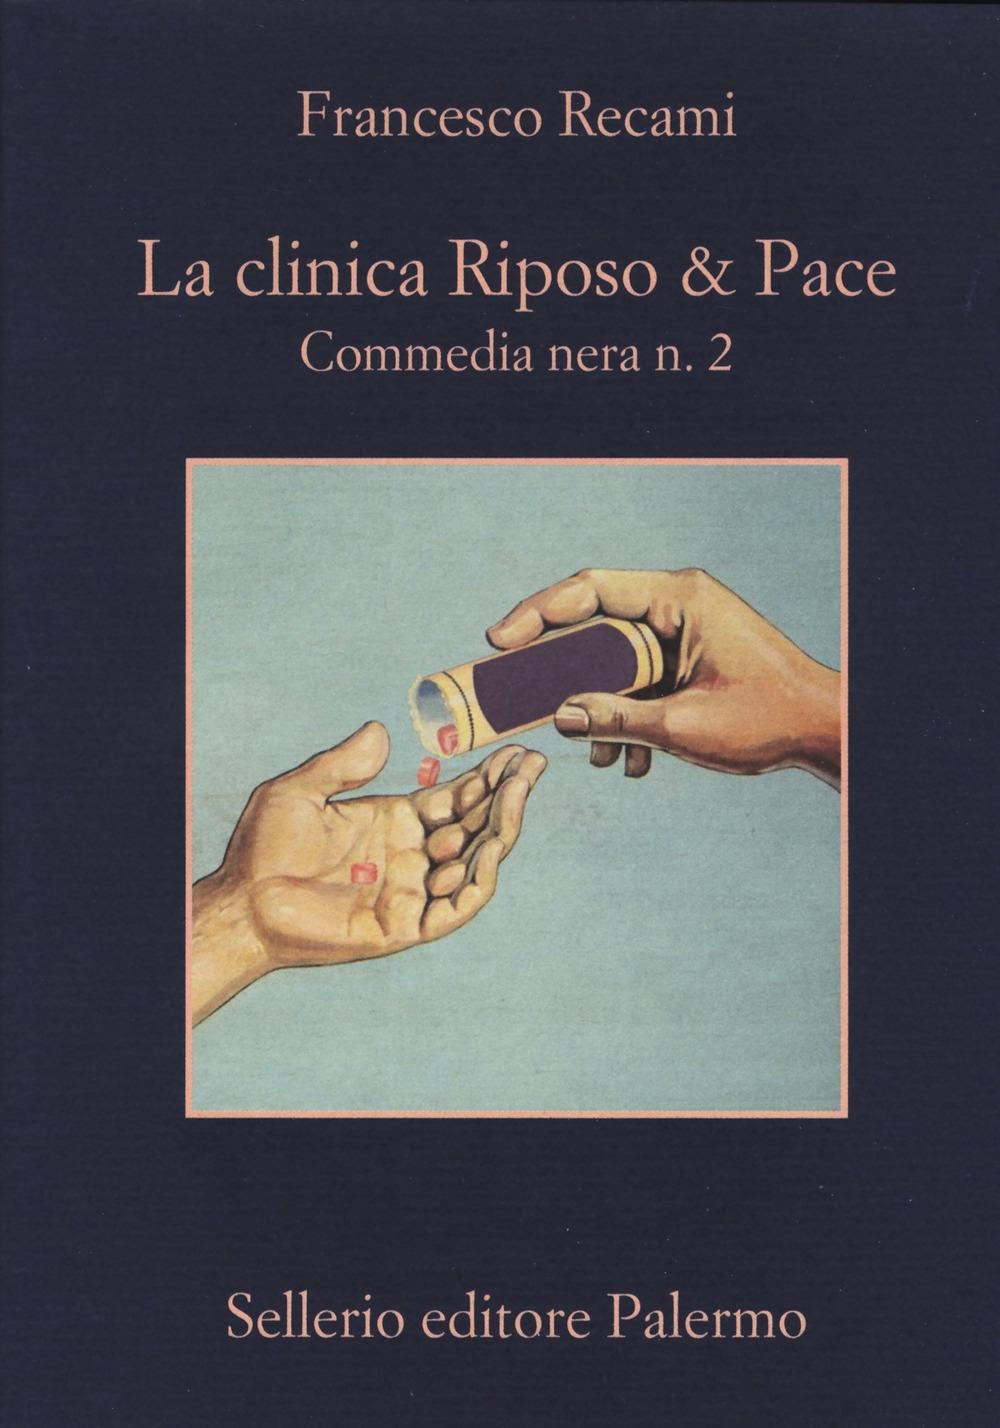 La clinica Riposo & pace. Commedia nera n. 2